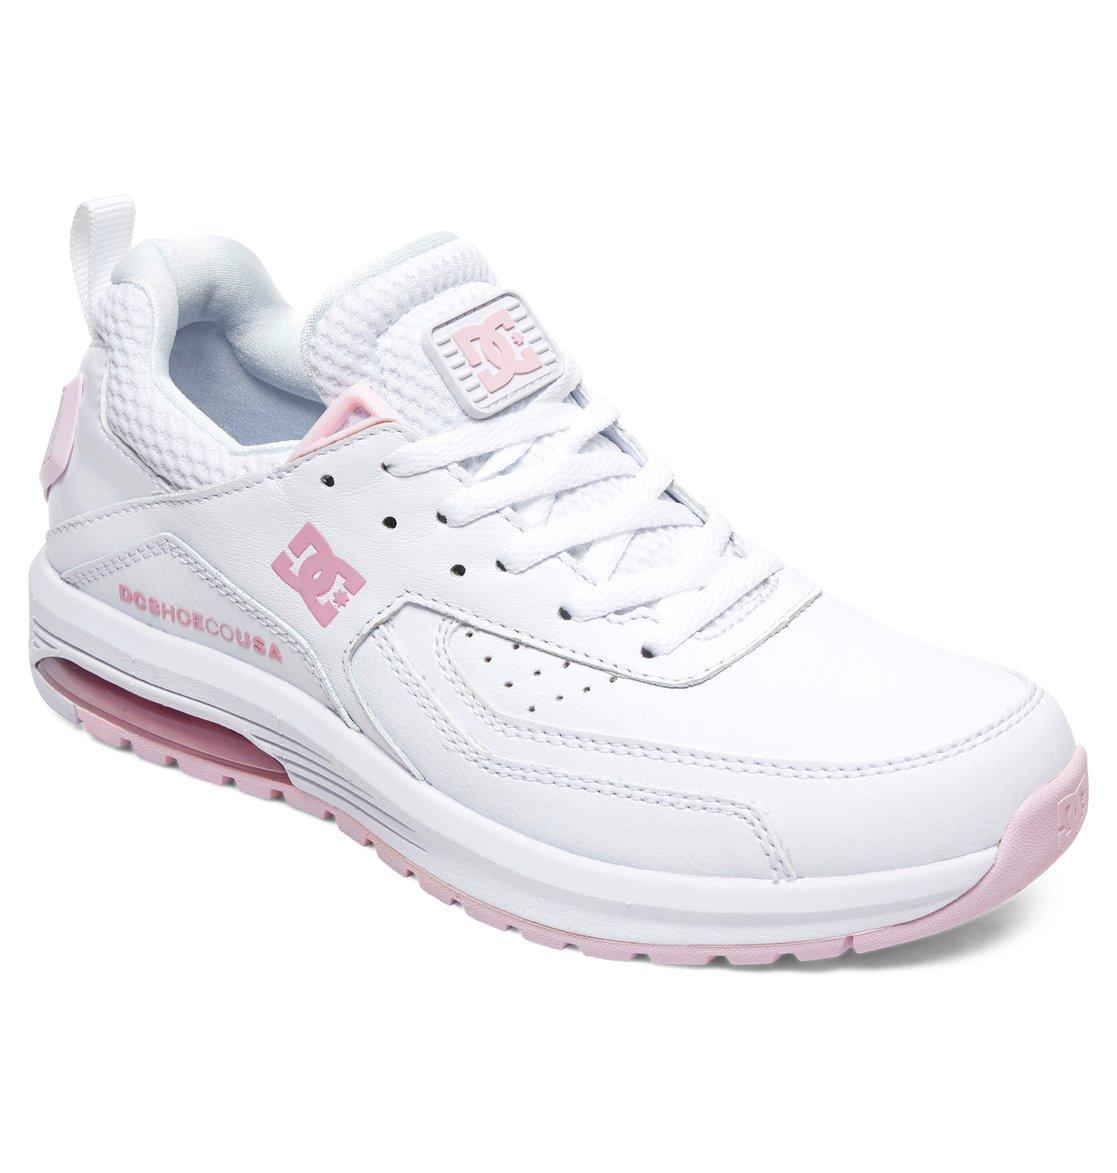 DC-Shoes-Vandium-SE-Baskets-pour-Femme-ADJS200026 miniature 10